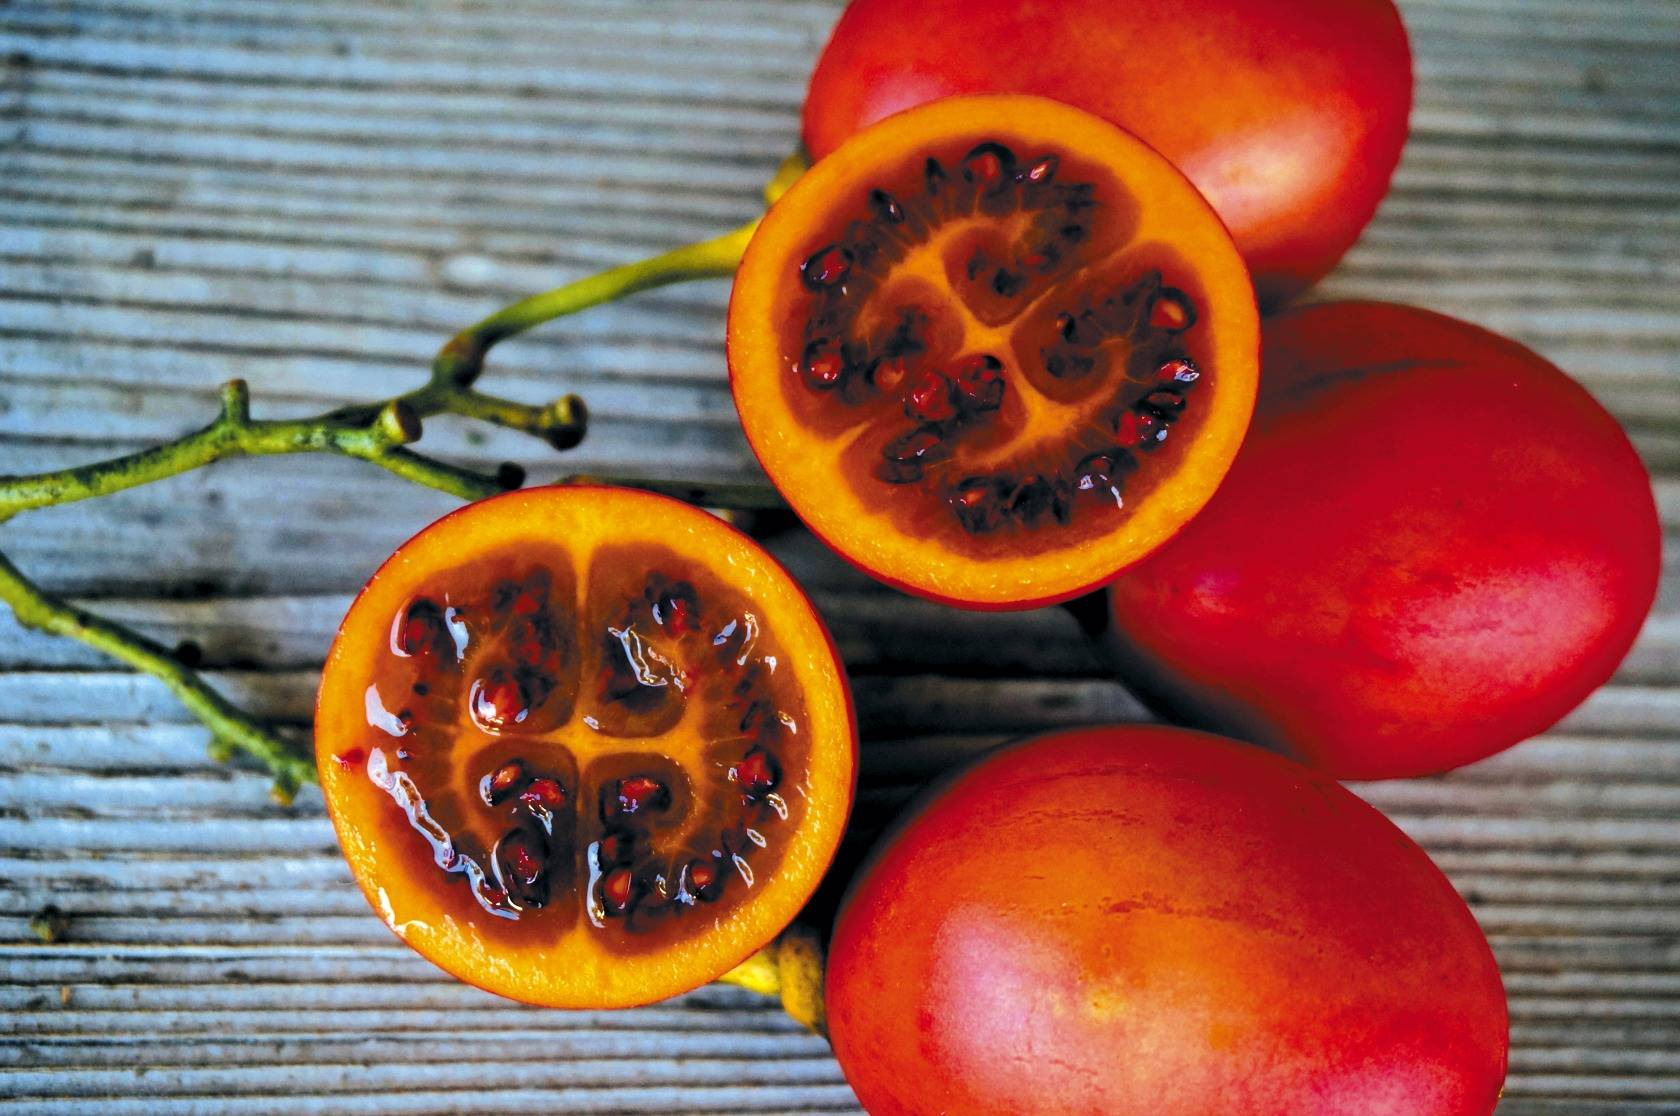 Тамарилло фрукт - фото и описание, как кушать плоды томатного